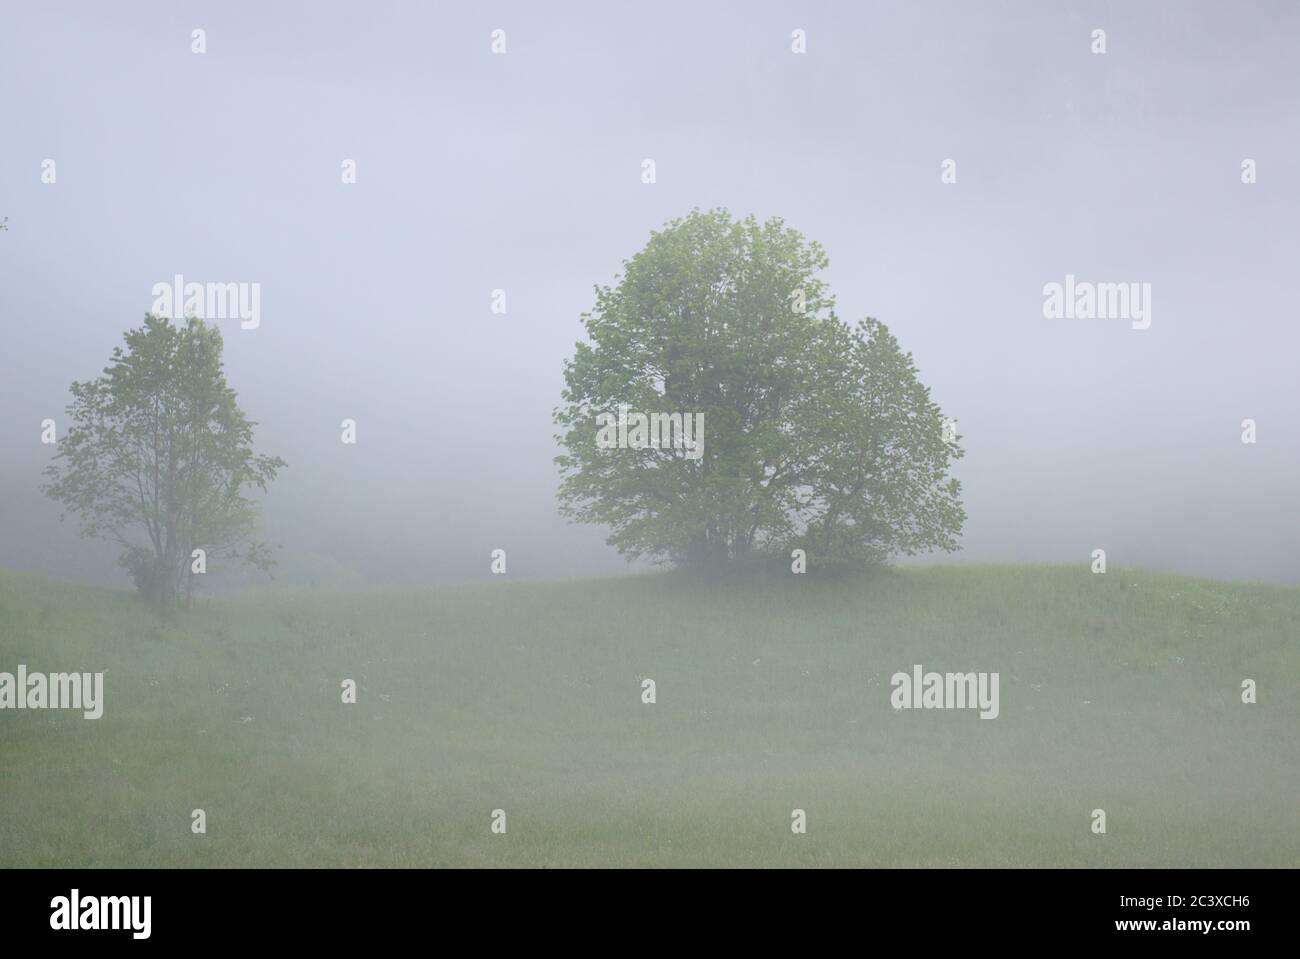 Bäume im Nebel auf einem Hügel Stock Photo